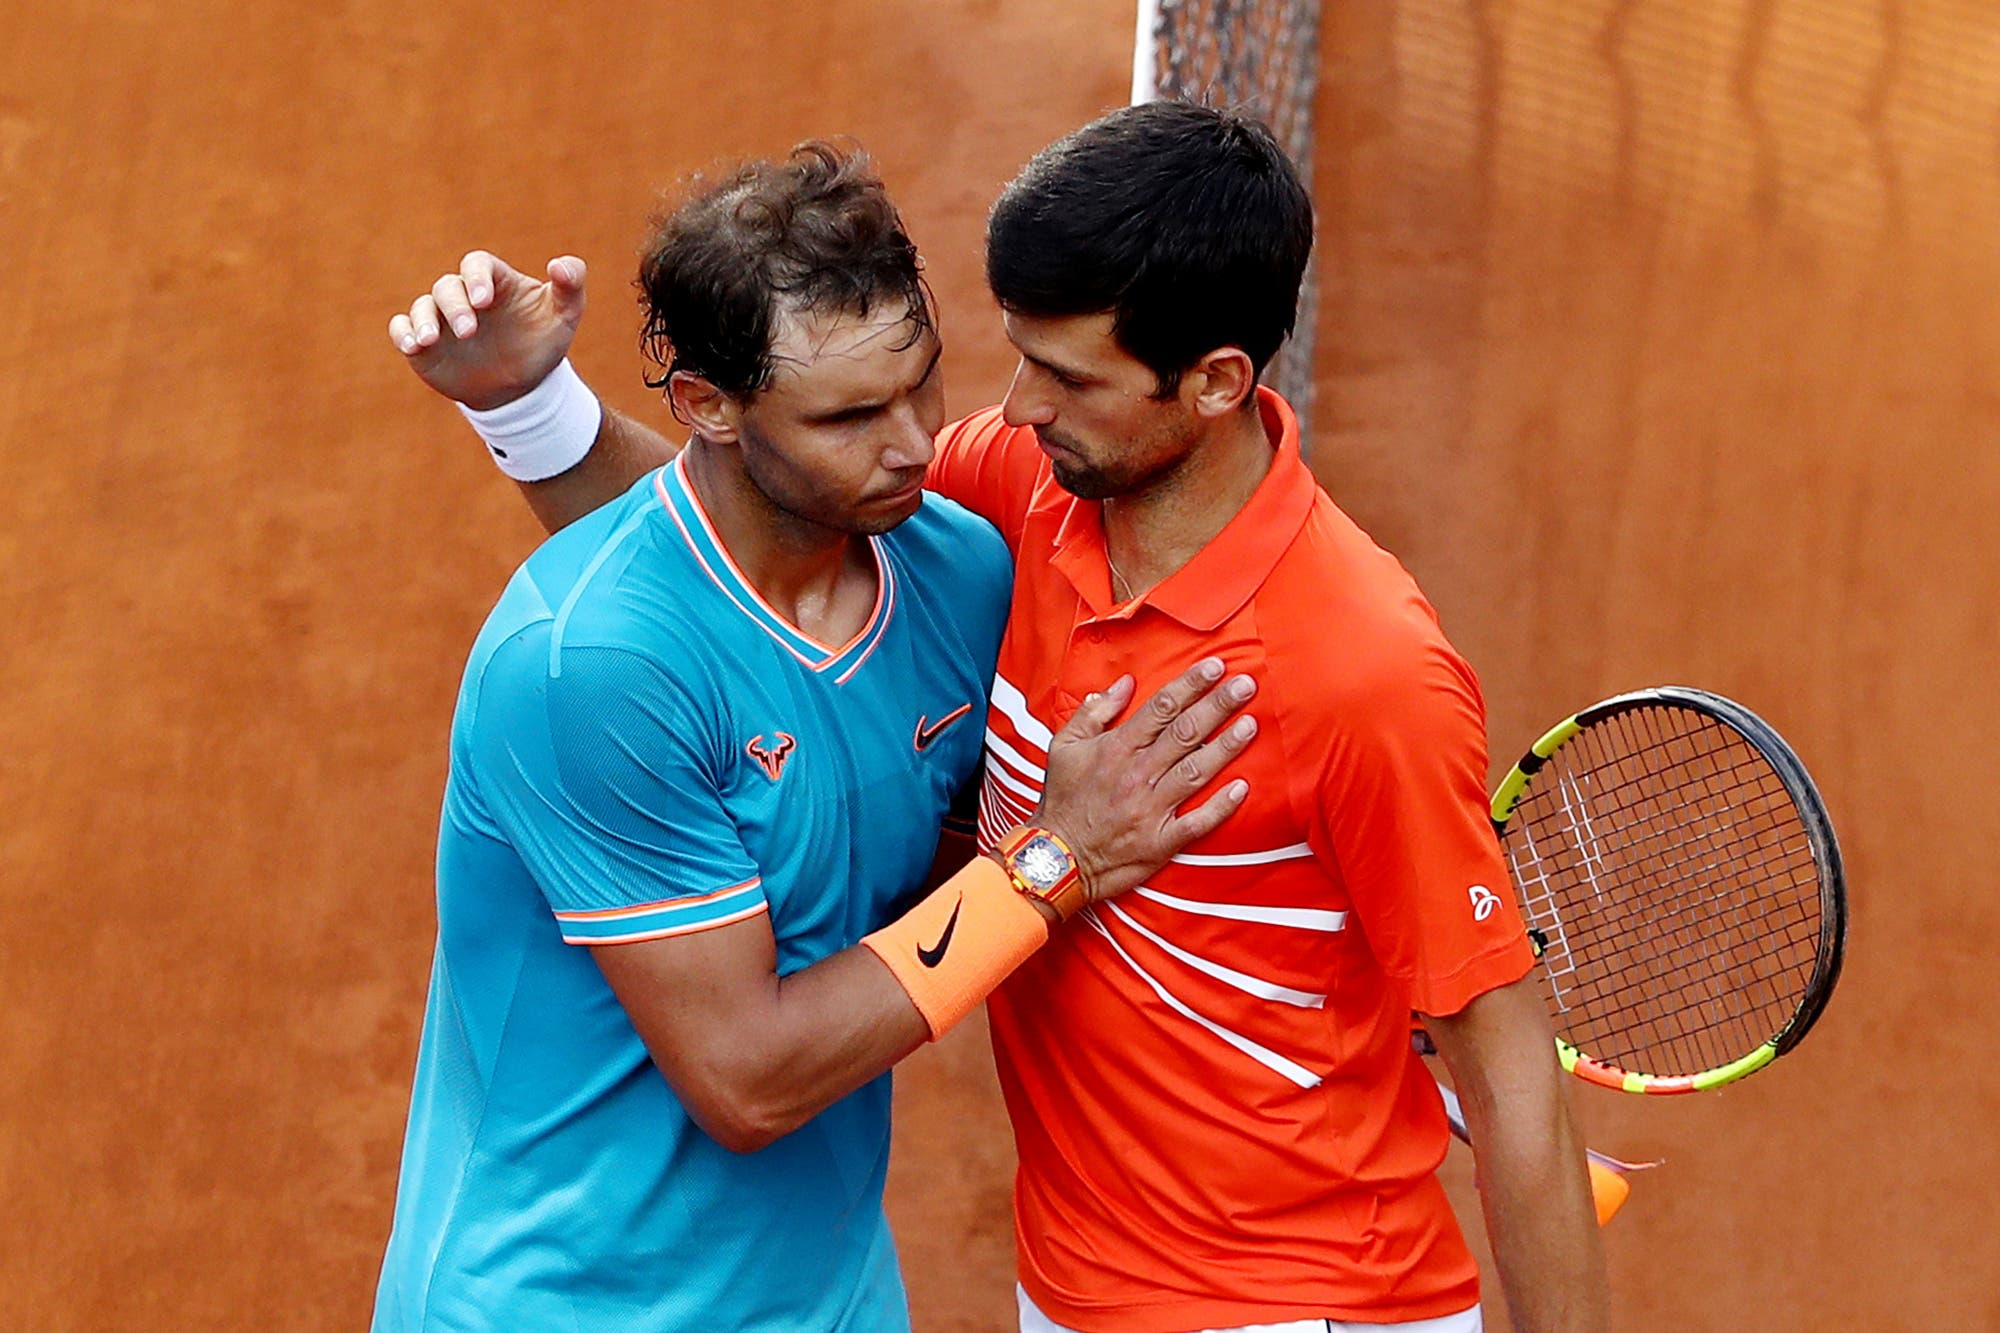 Masters 1000 de Cincinnati: Novak Djokovic y Rafael Nadal, inscriptos en el torneo con el que regresará el tenis masculino